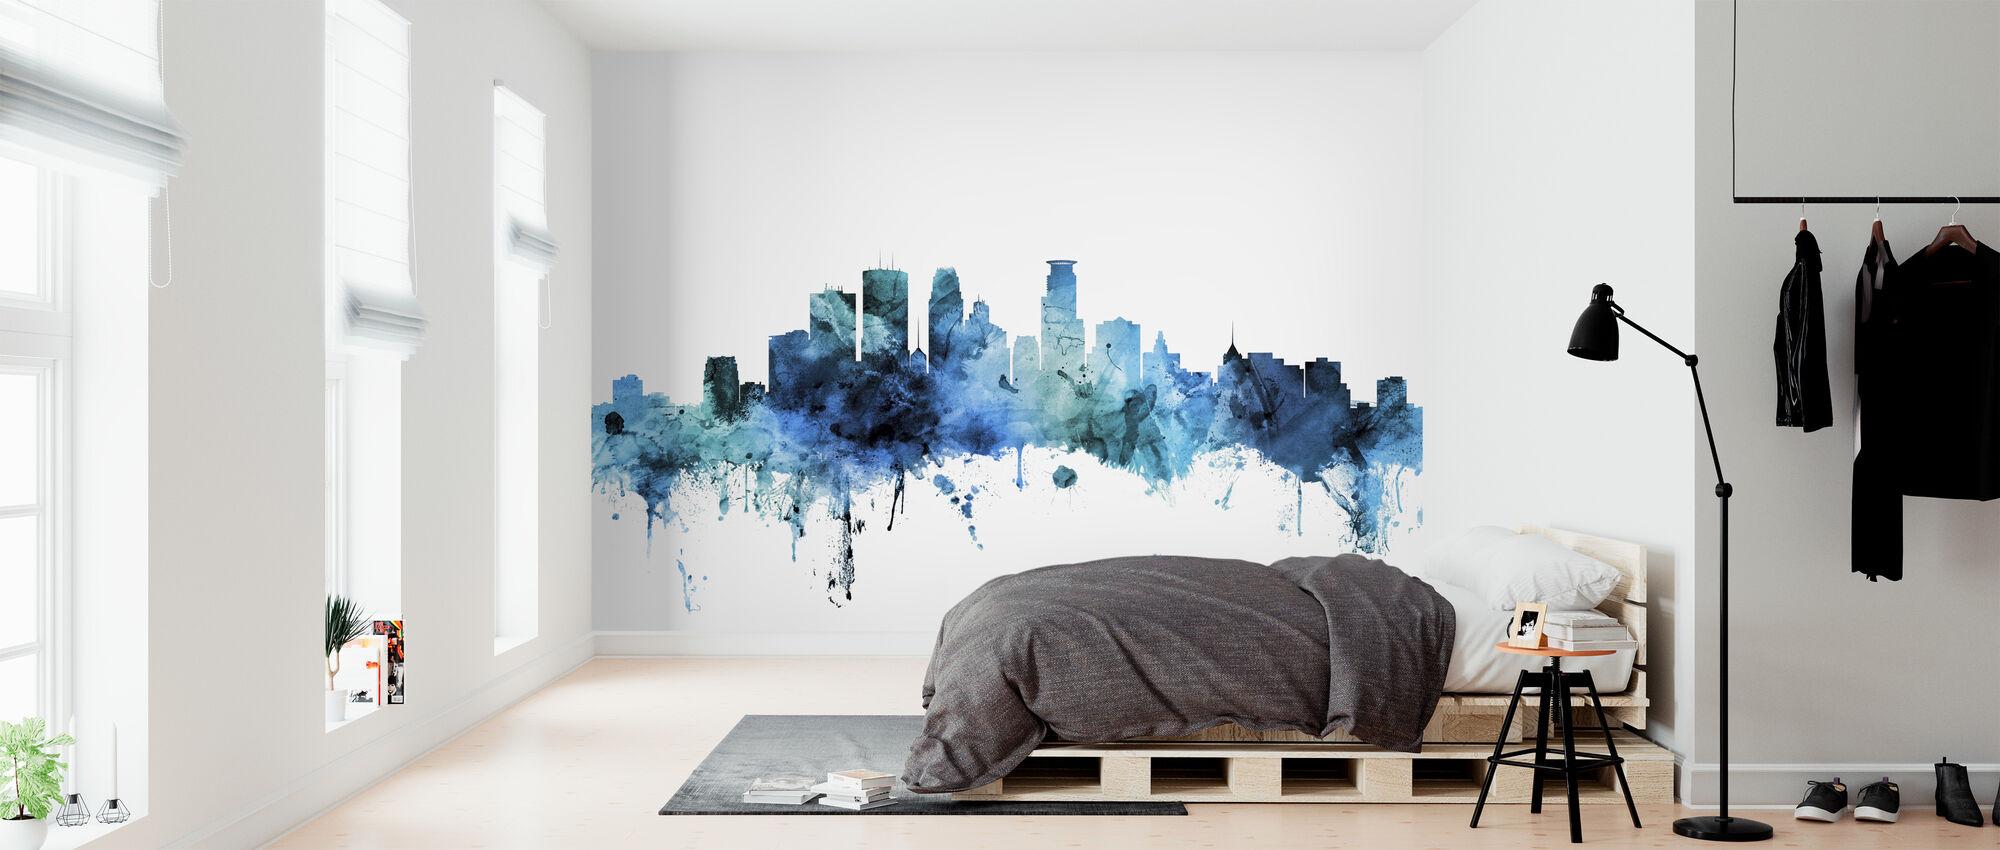 Minneapolis Minnesota Skyline - Wallpaper - Bedroom